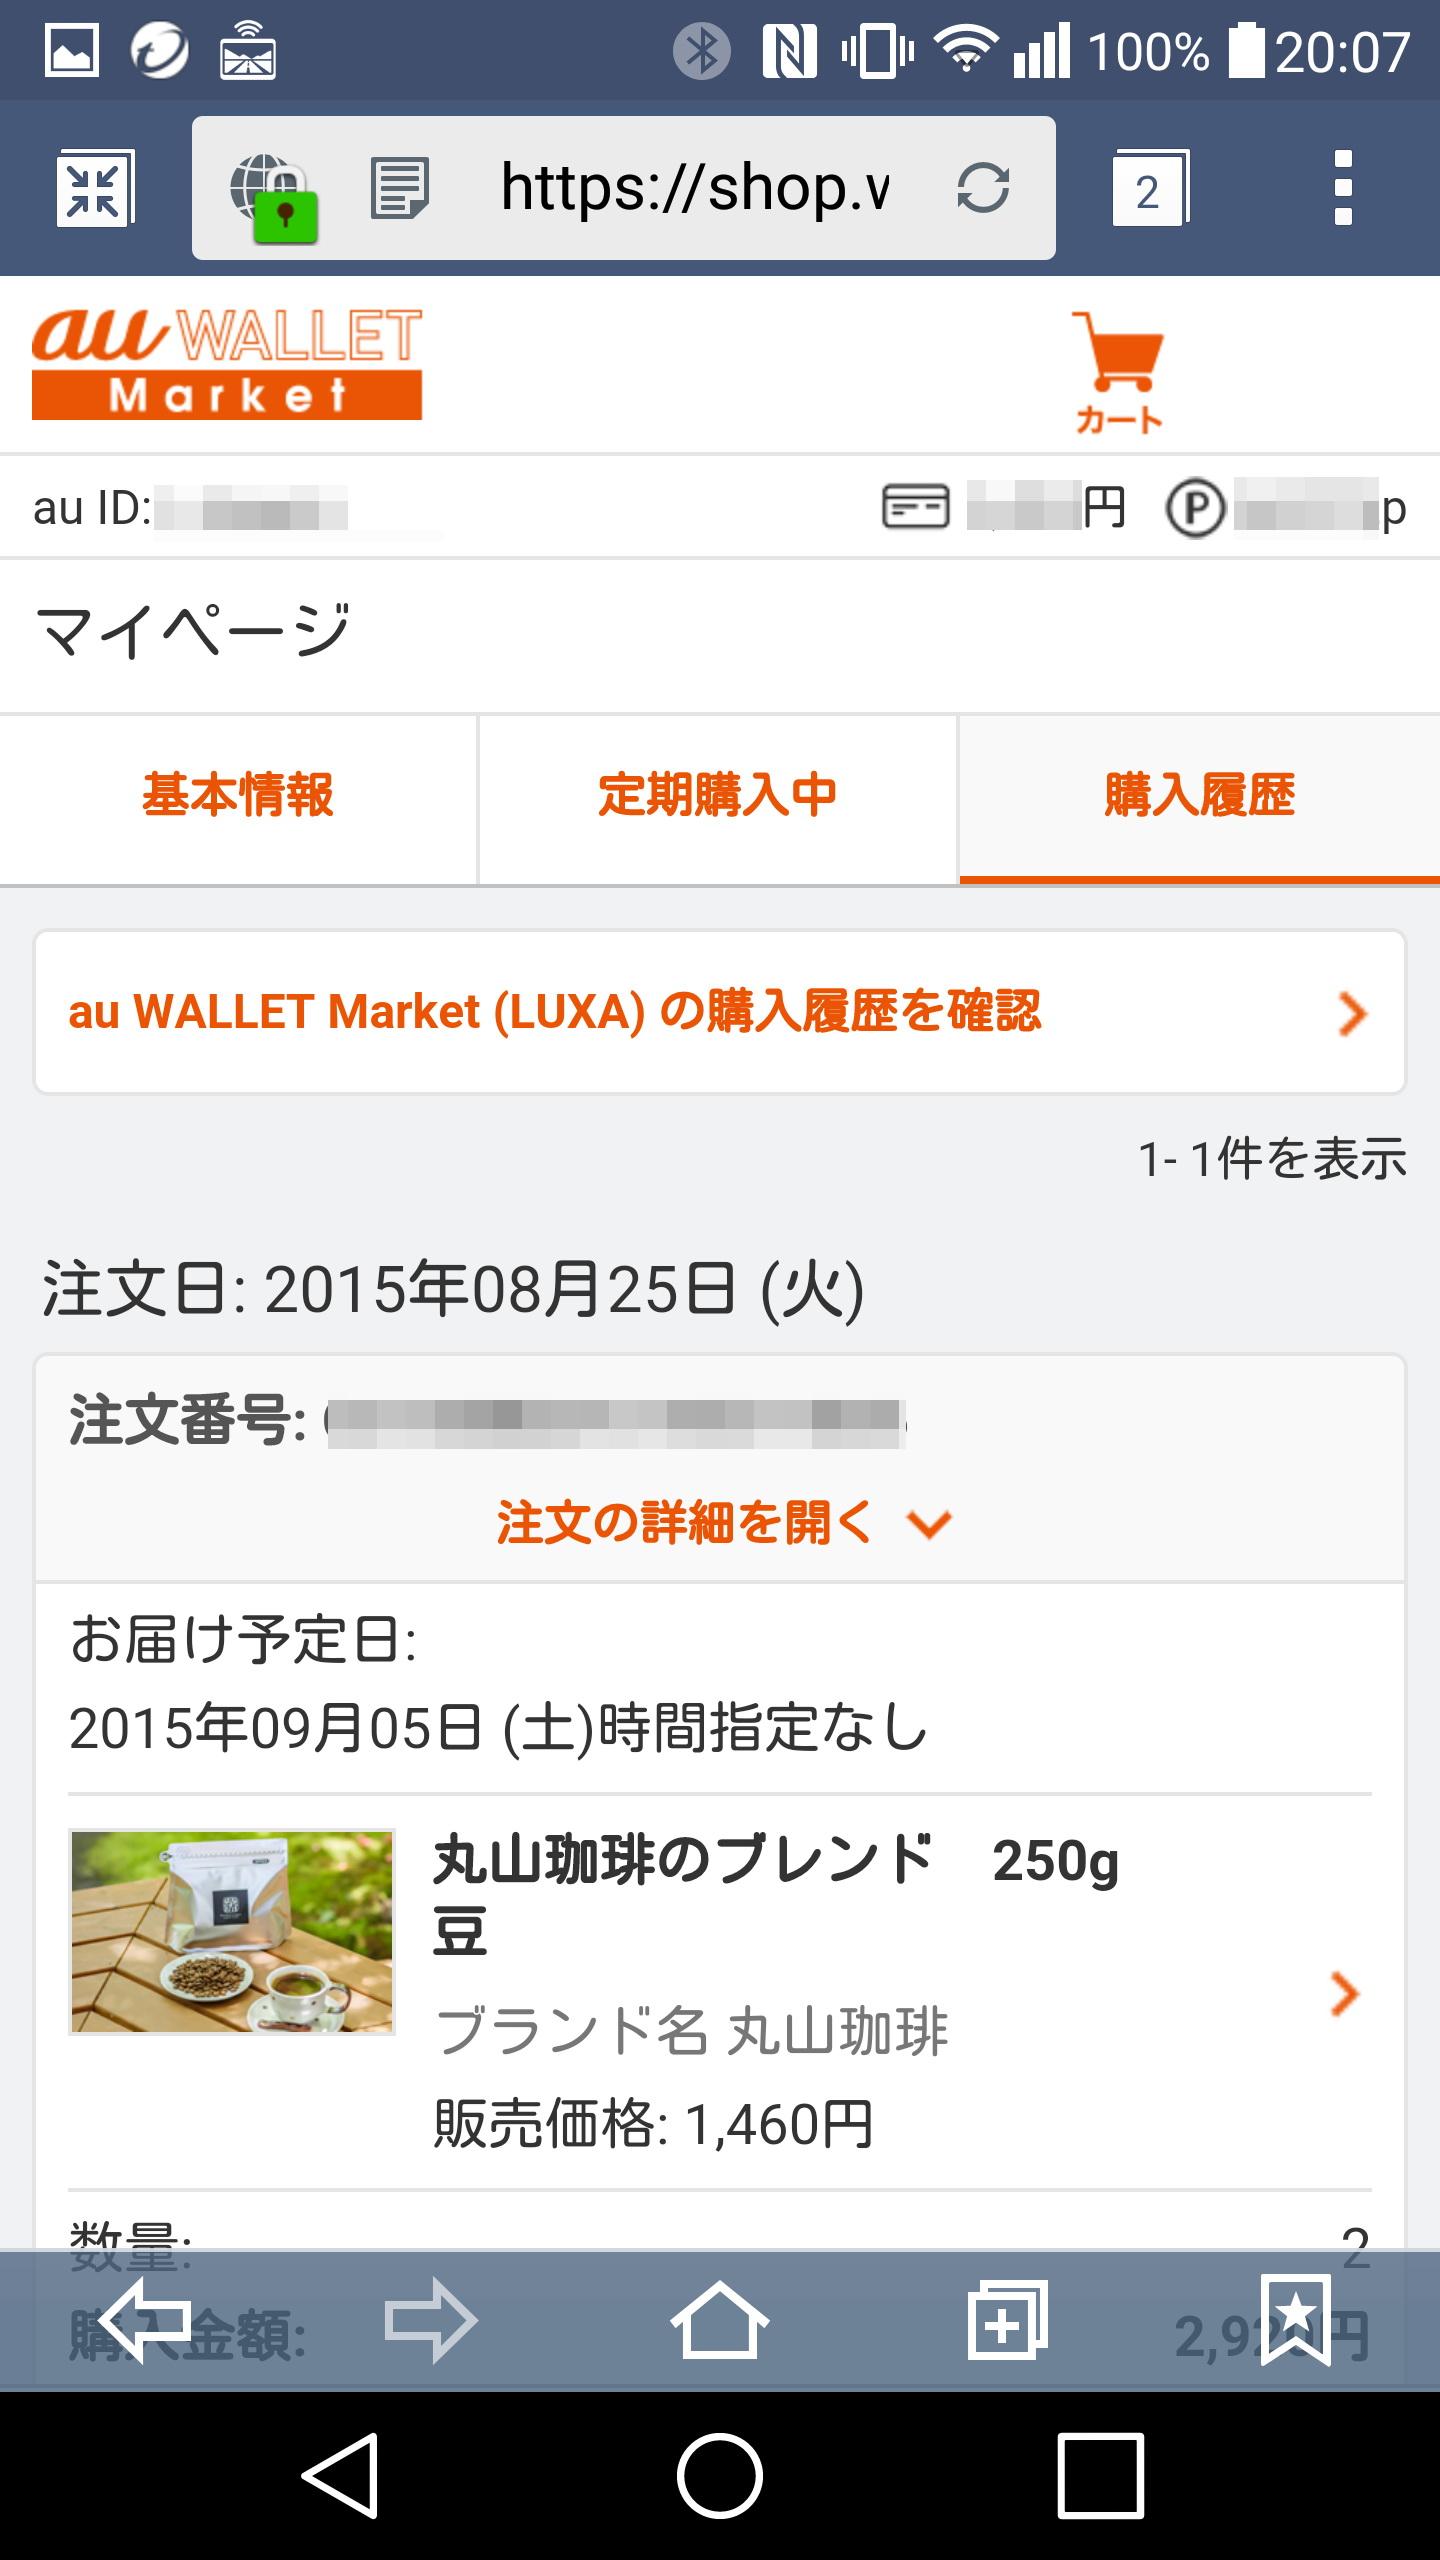 マイページで「auショップ取扱品」の「定期購入商品をチェックする」を選び、[購入履歴]をタップすると、購入したものが確認できた